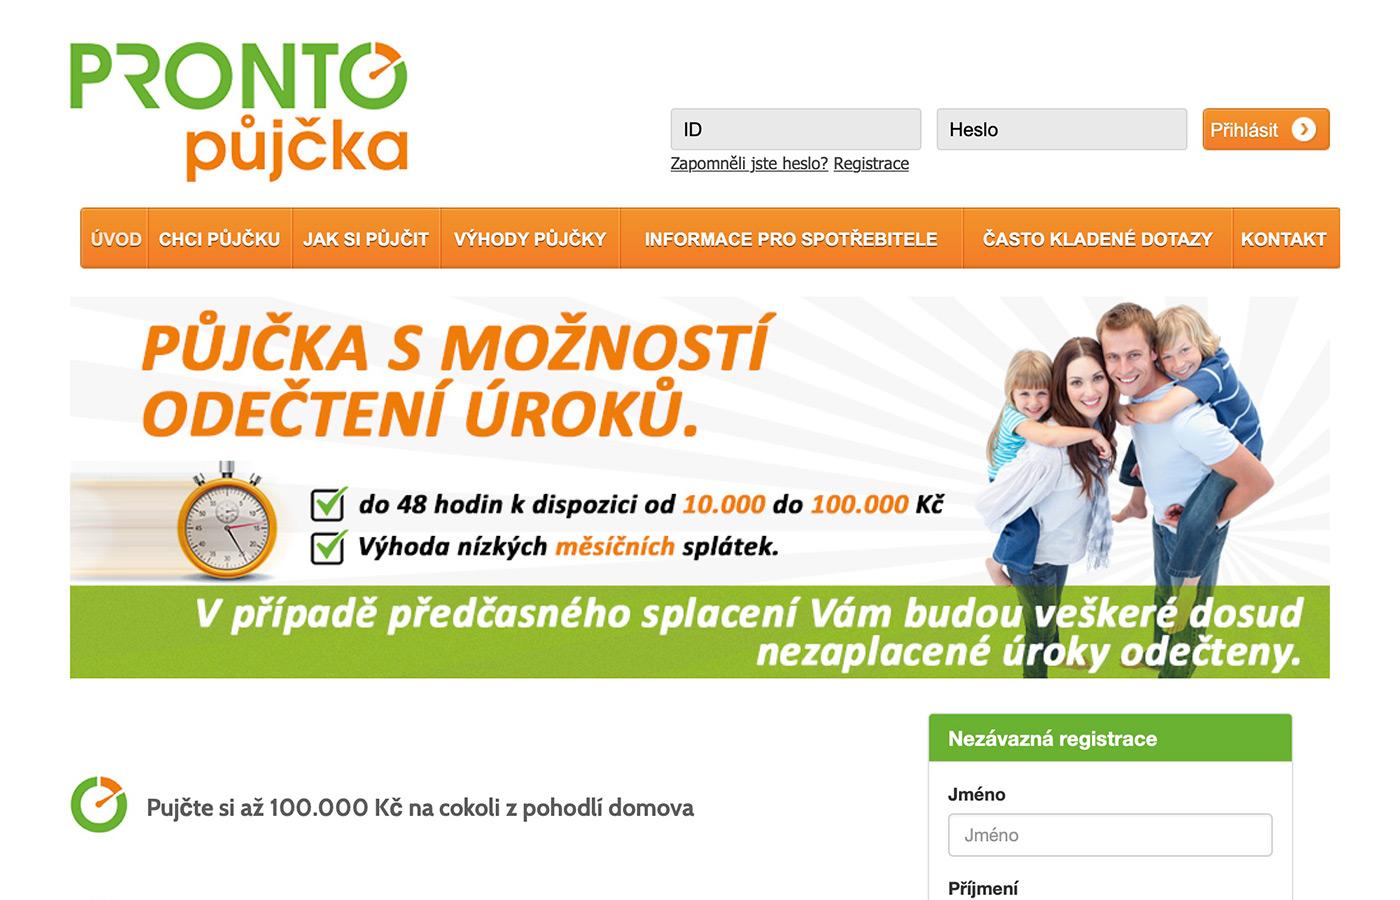 Náhled webových stránek prontopujcka.cz